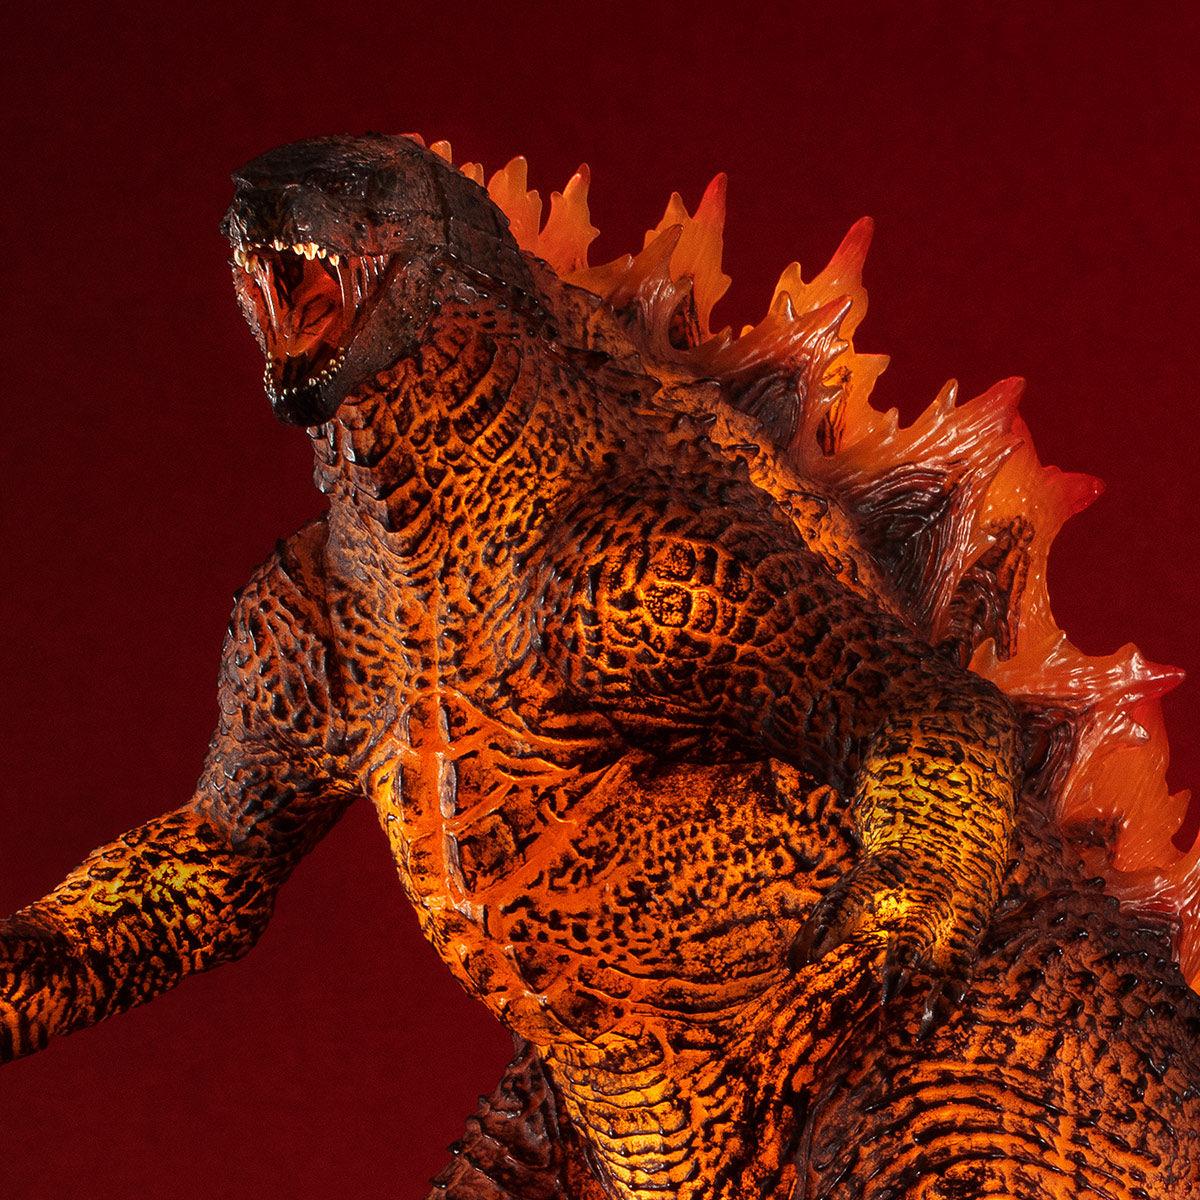 【限定販売】UA Monsters『バーニング・ゴジラ 2019(GODZILLA II)』ゴジラ キング・オブ・モンスターズ 完成品フィギュア-001